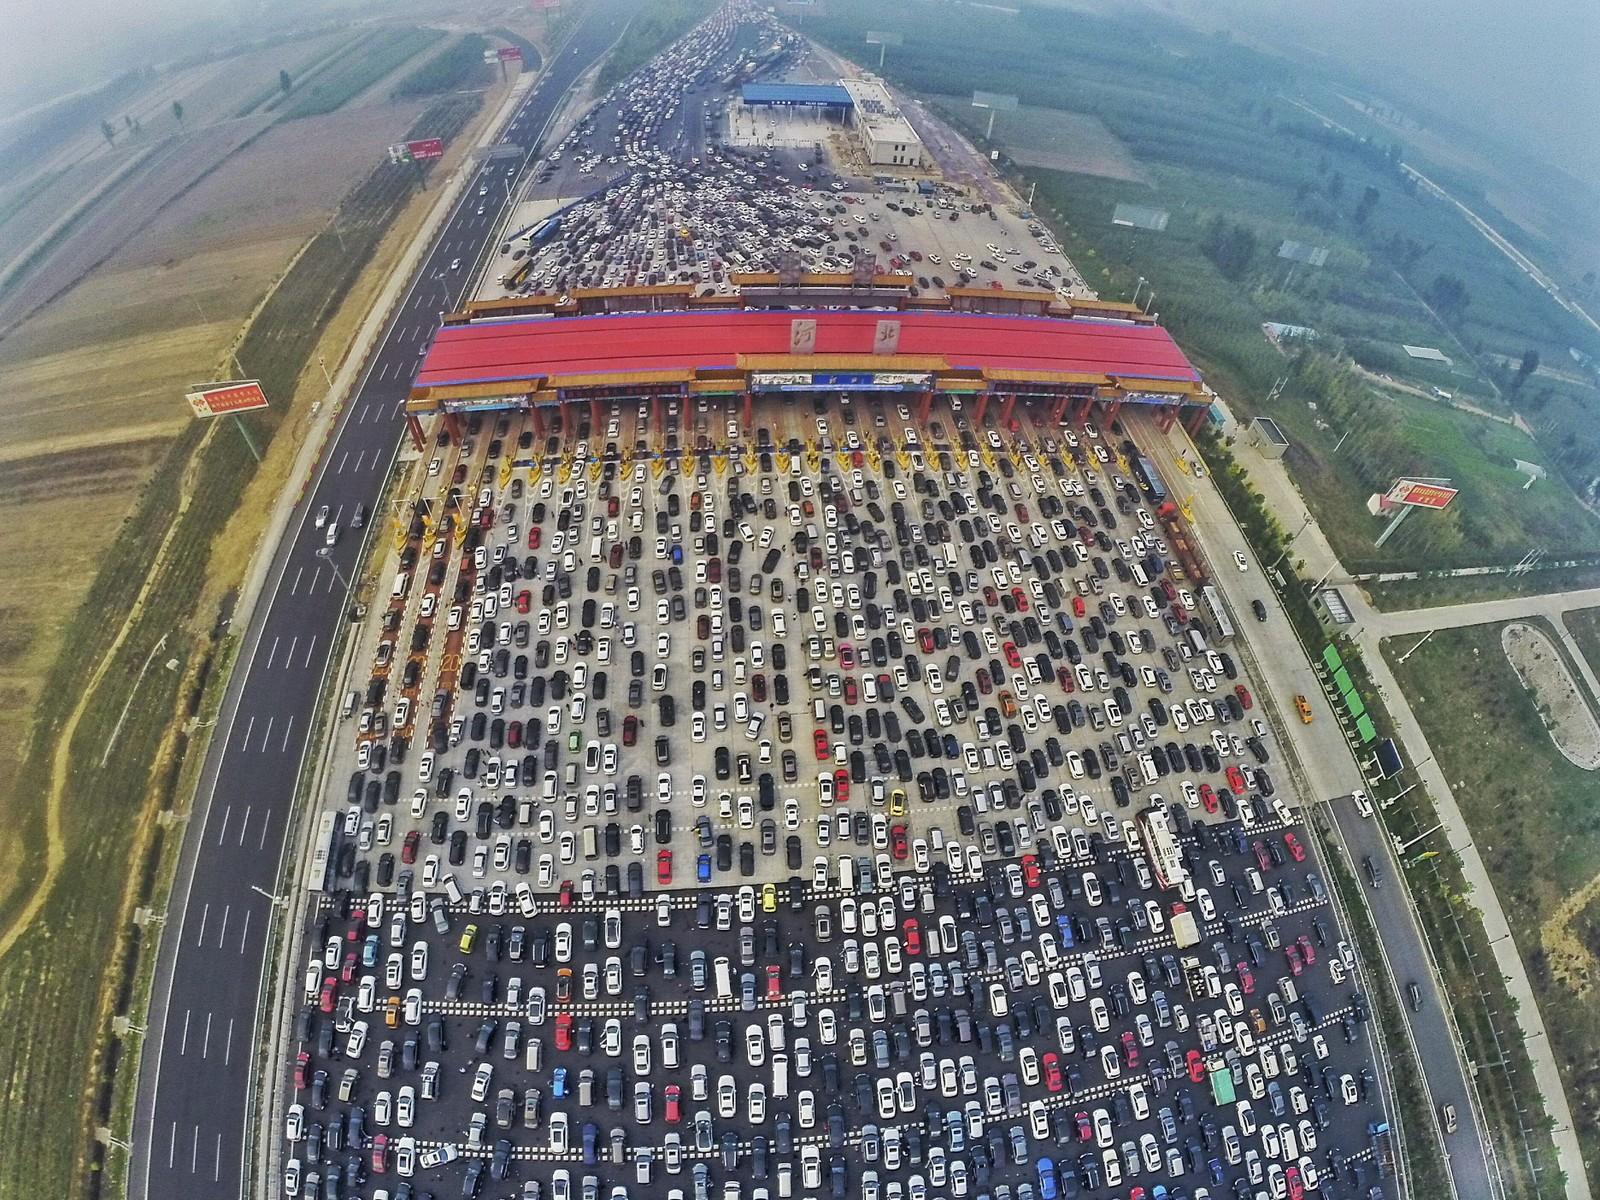 Det ble fullstendig trafikkaos da 750 millioner kinesere skulle hjem fra ferie. En 50-felts motorvei ble nærmest en gedigen parkeringsplass rundt denne bomringen utenfor Beijing.